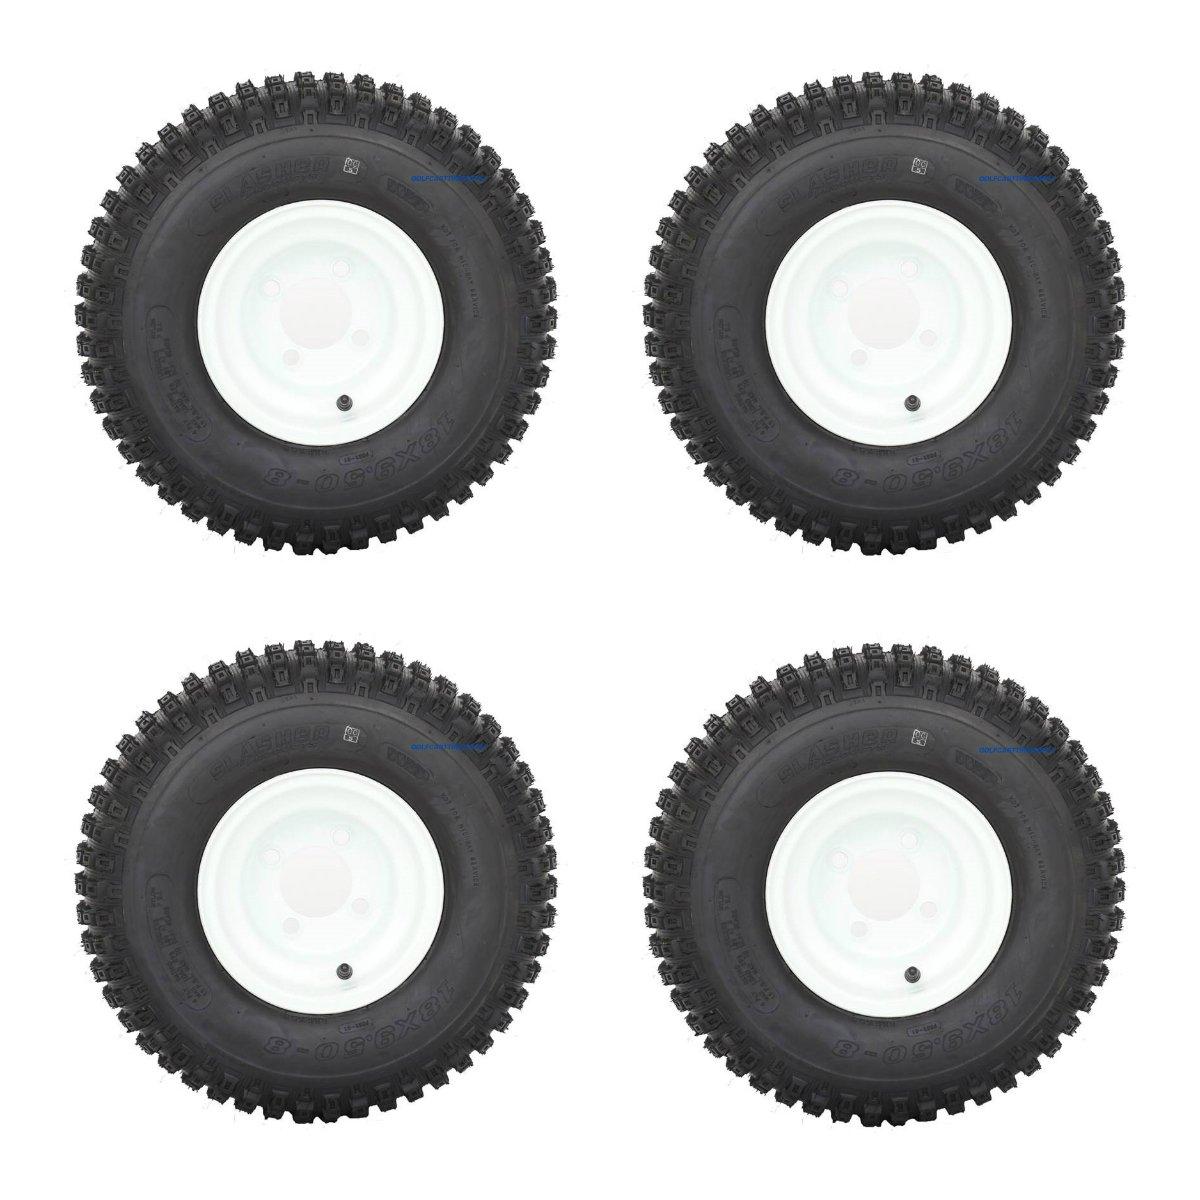 Slasher Knobby 18x9.50-8'' Golf Cart Tires / ATV Tires and 8'' White Steel Golf Cart Wheel Combo - Set of 4